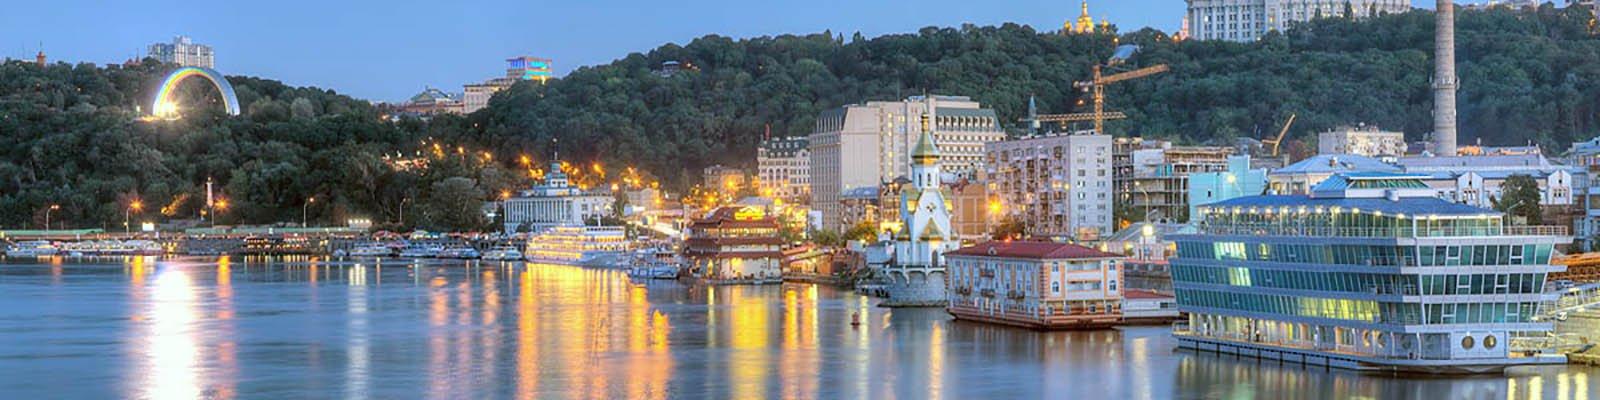 Киевский речной вокзал - водный отдых на яхте